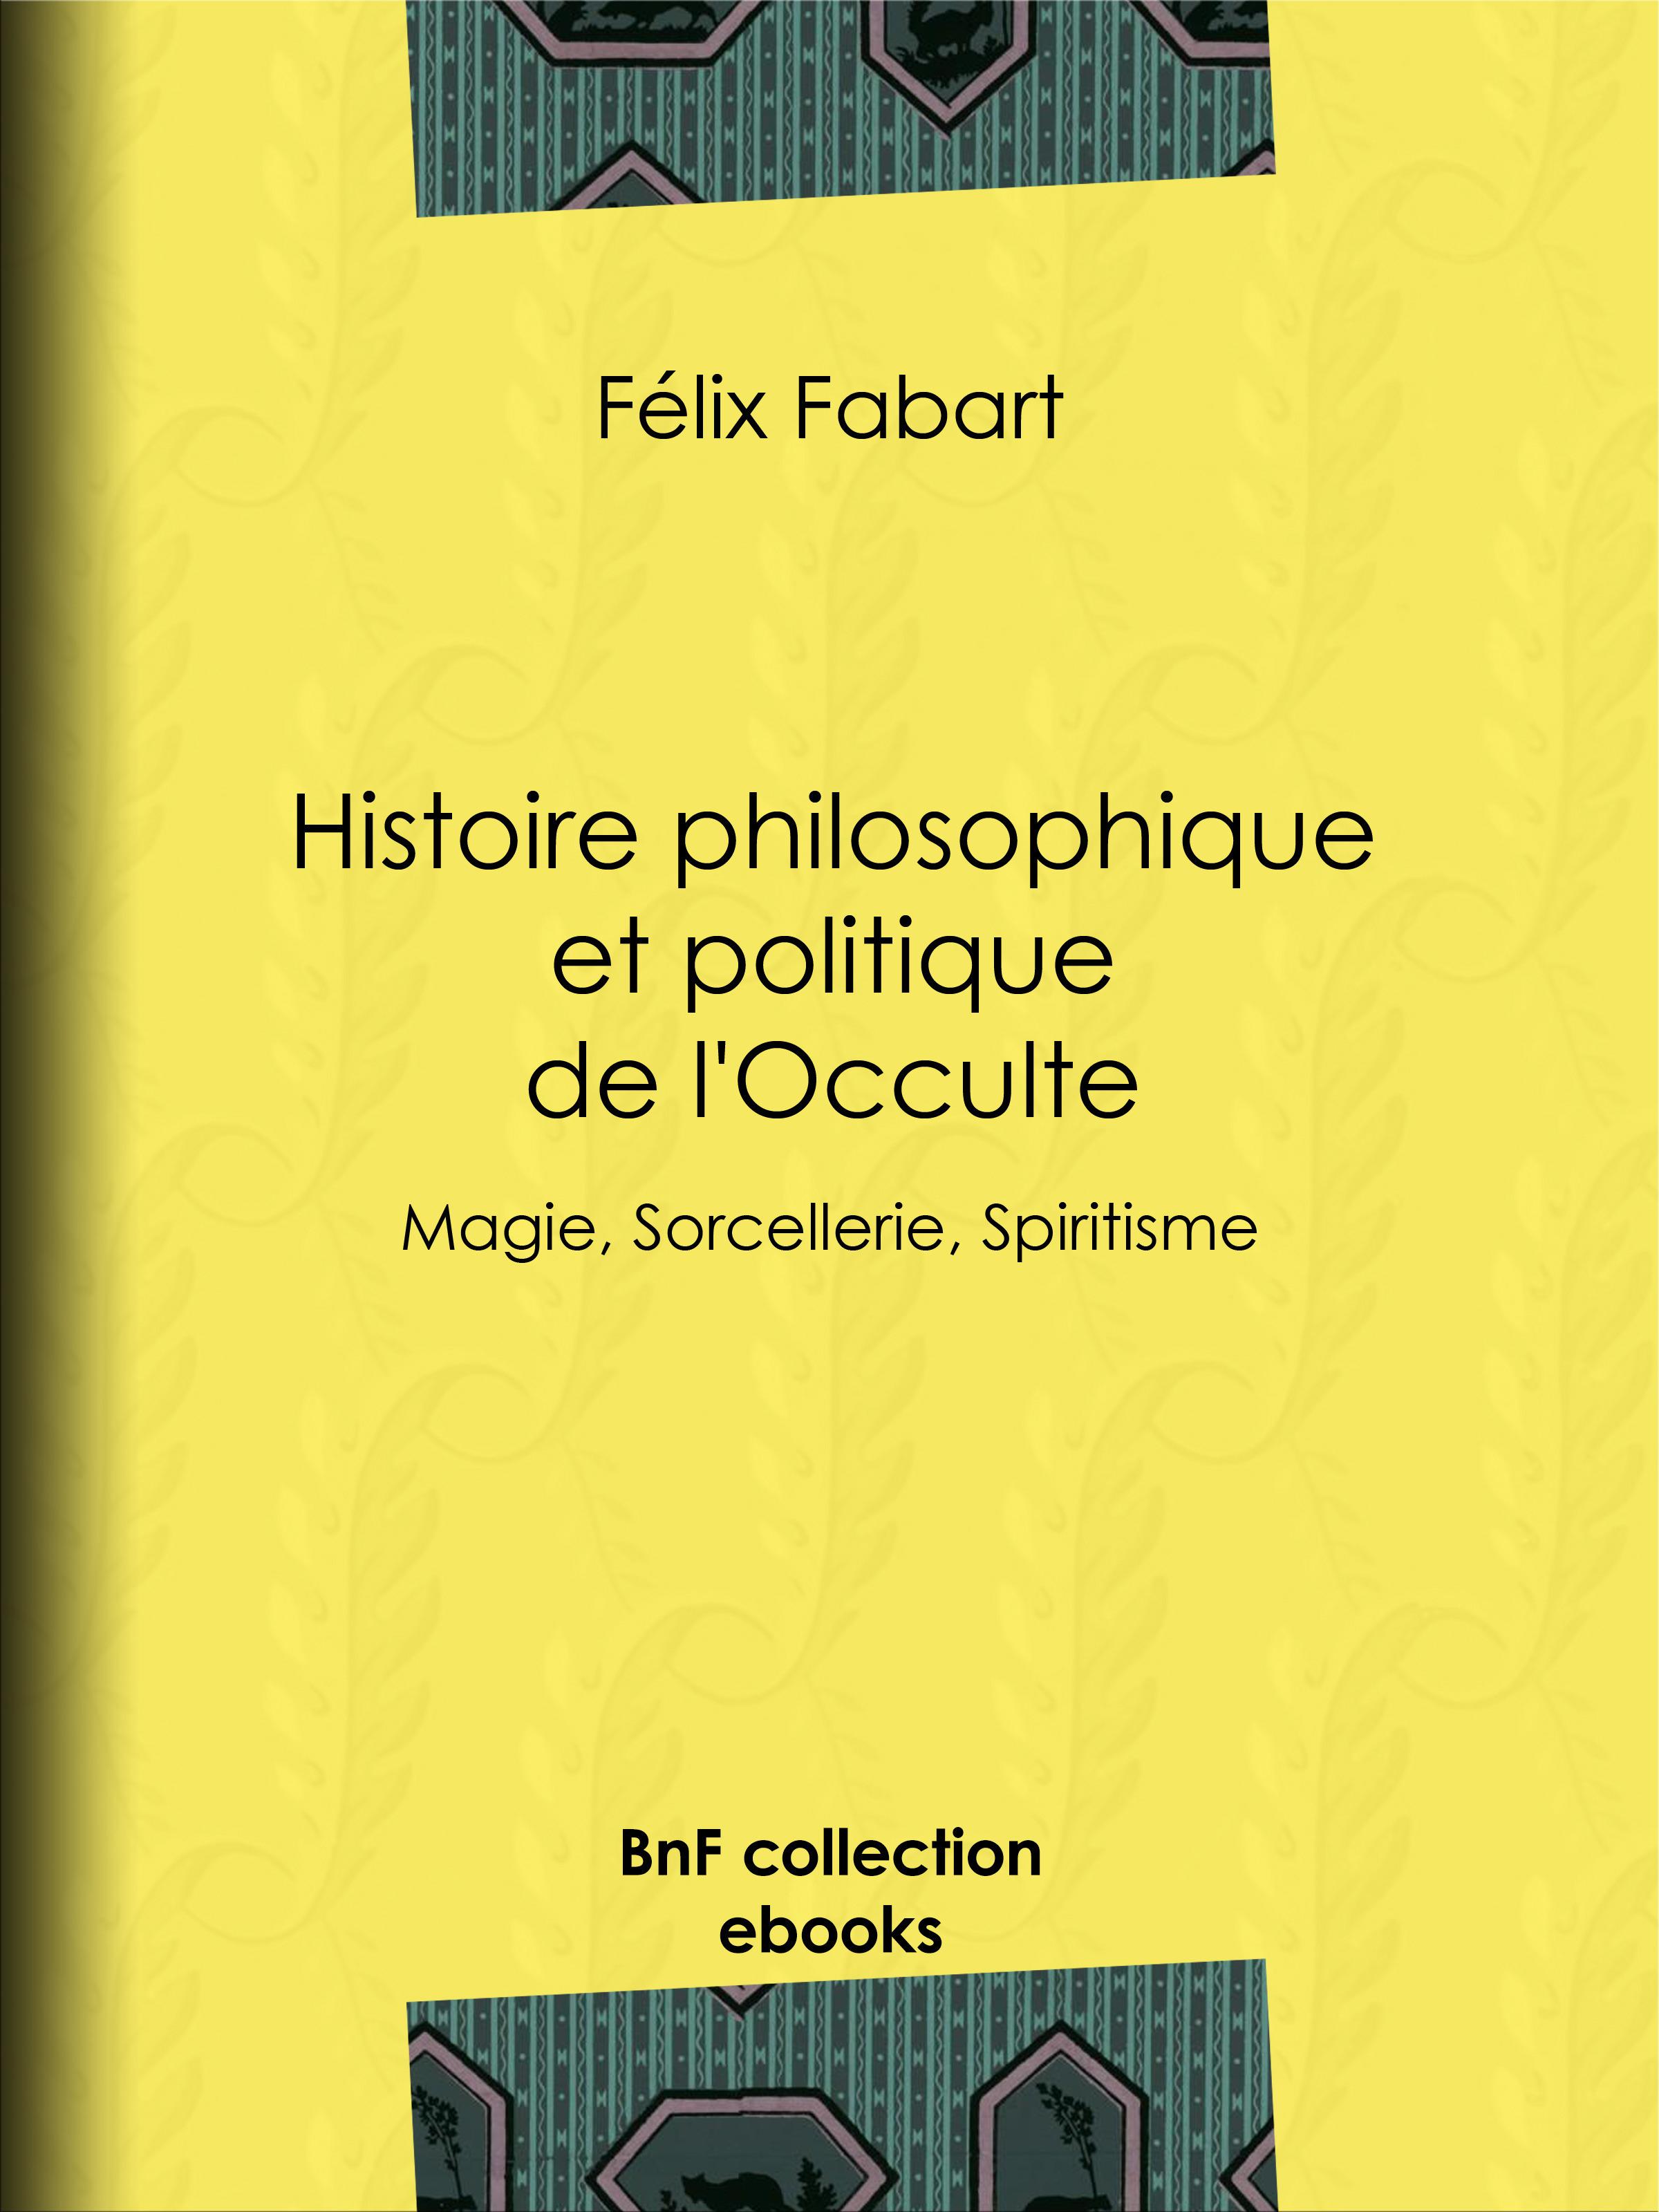 Histoire philosophique et politique de l'Occulte